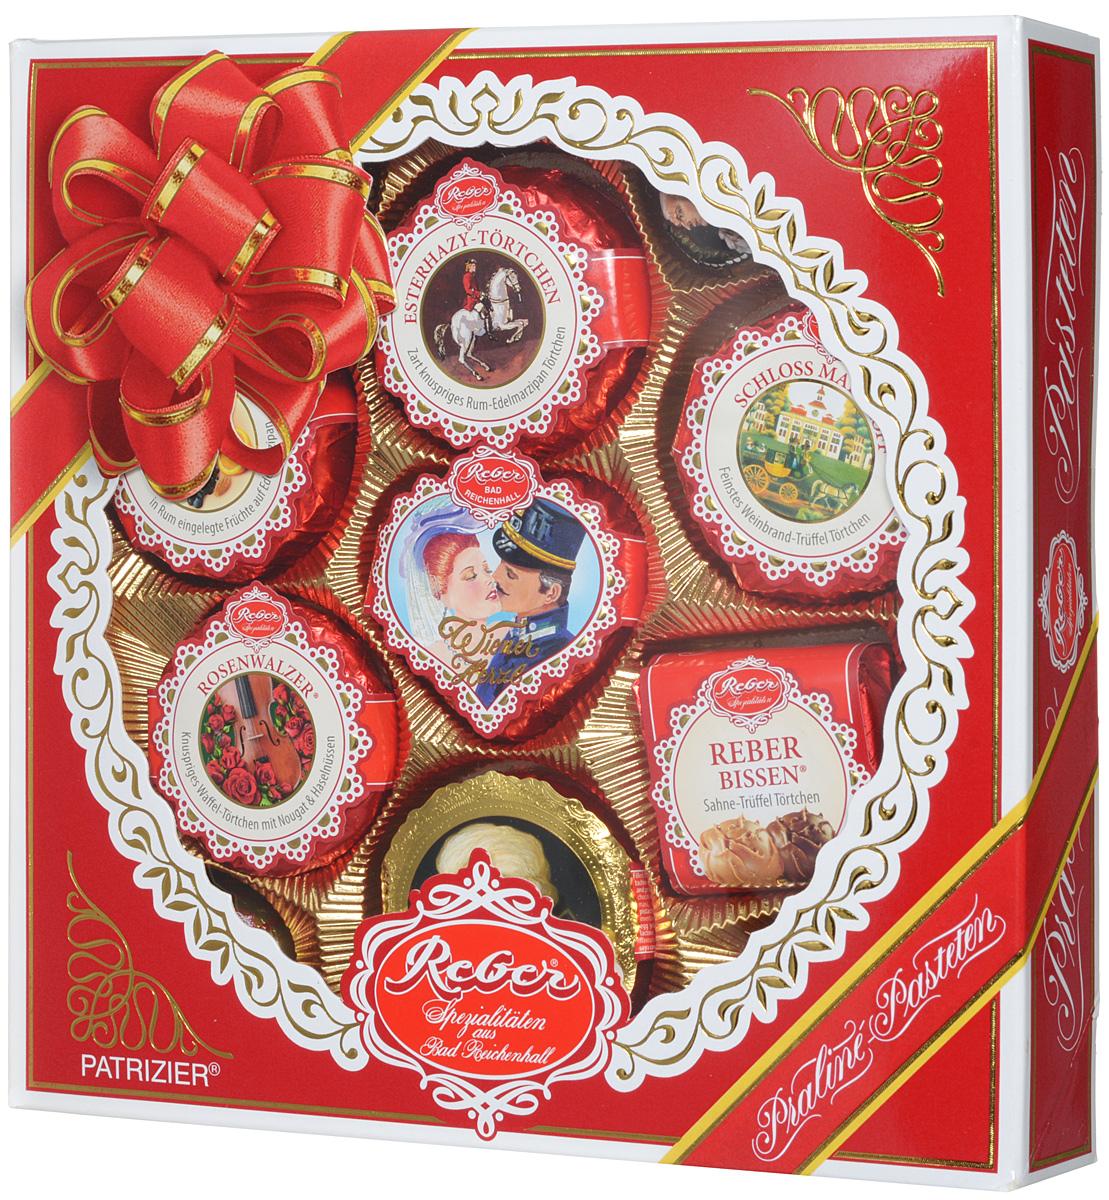 Reber Mozart Patrizier подарочный набор шоколадных конфет, 340 г12285542Шоколадные конфеты Reber Mozart Patrizier - это не просто конфеты, это настоящие кондитерские шедевры. Впервые конфеты Ребер Моцарт были выпущены в 1890 году, через 100 лет после смерти великого Моцарта, и сразу завоевали невероятную популярность. Известные своим исключительным качеством, оригинальностью и изысканным дизайном, шоколадные деликатесы Reber в форме небольших подарочков - это настоящие драгоценности для ценителей.